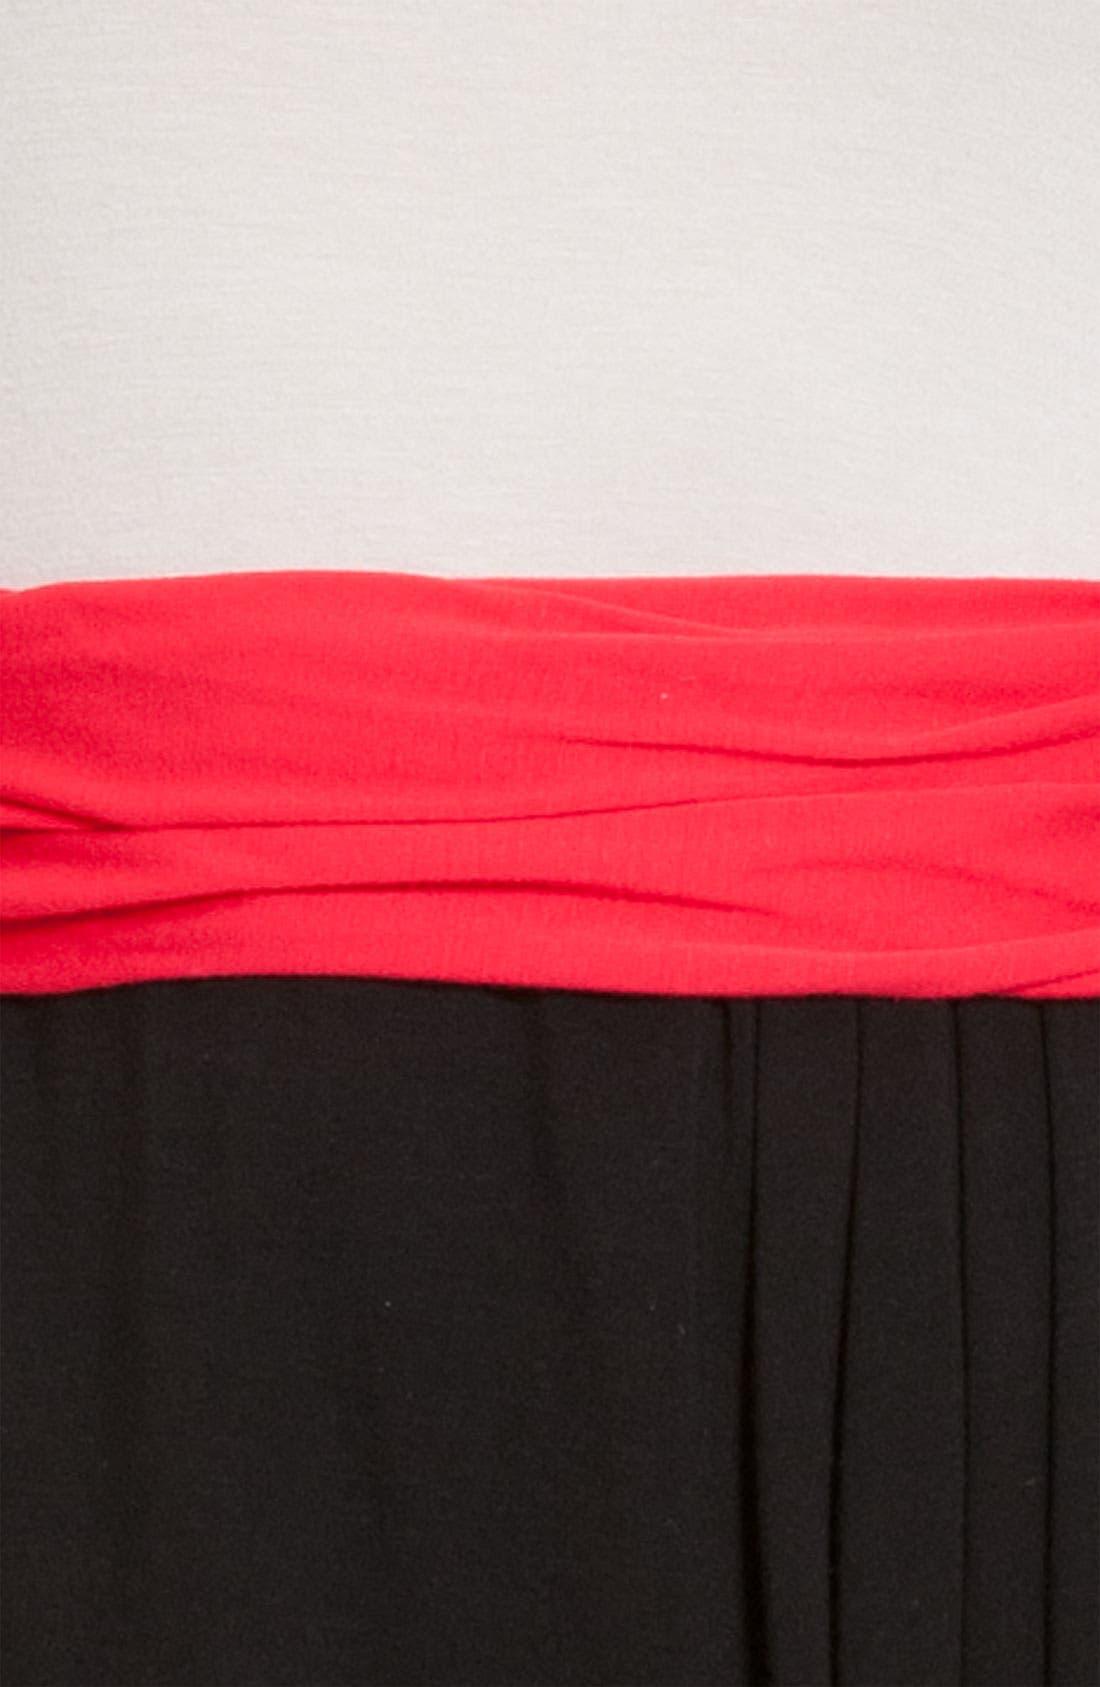 DKNYC, Sleeveless V-Neck Dress, Alternate thumbnail 3, color, 600